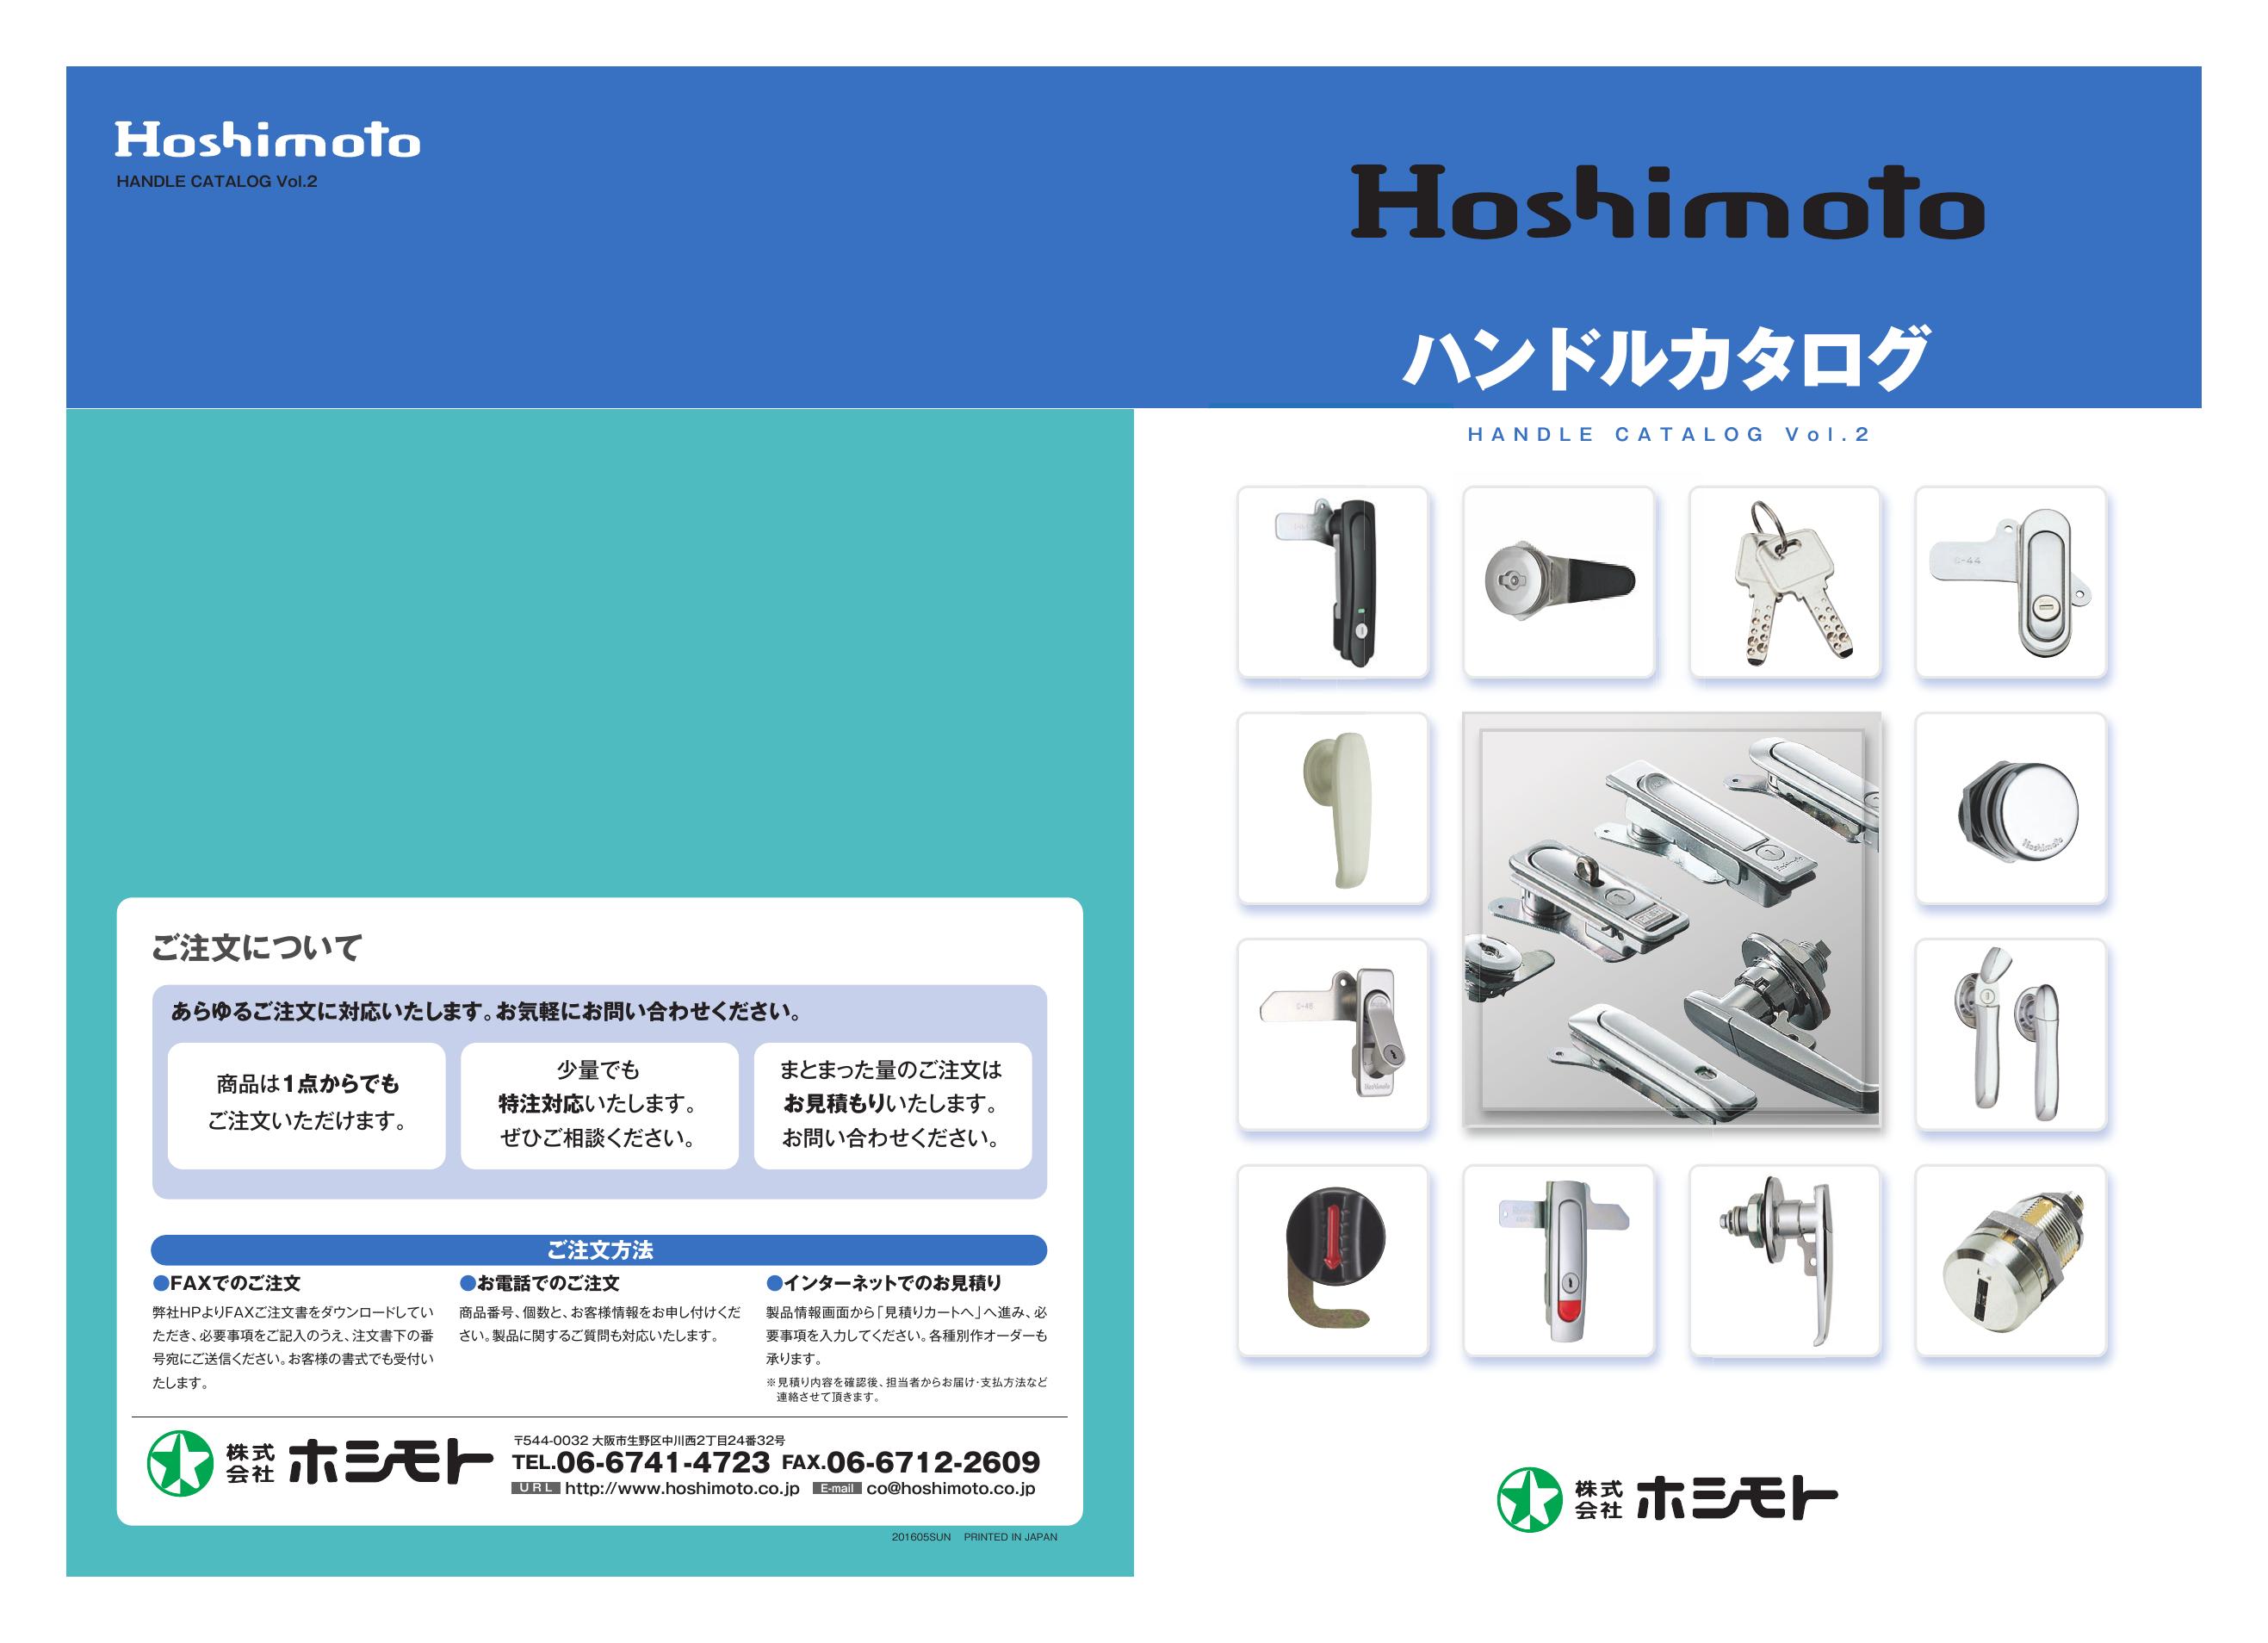 ホシモト ハンドルカタログVol.2